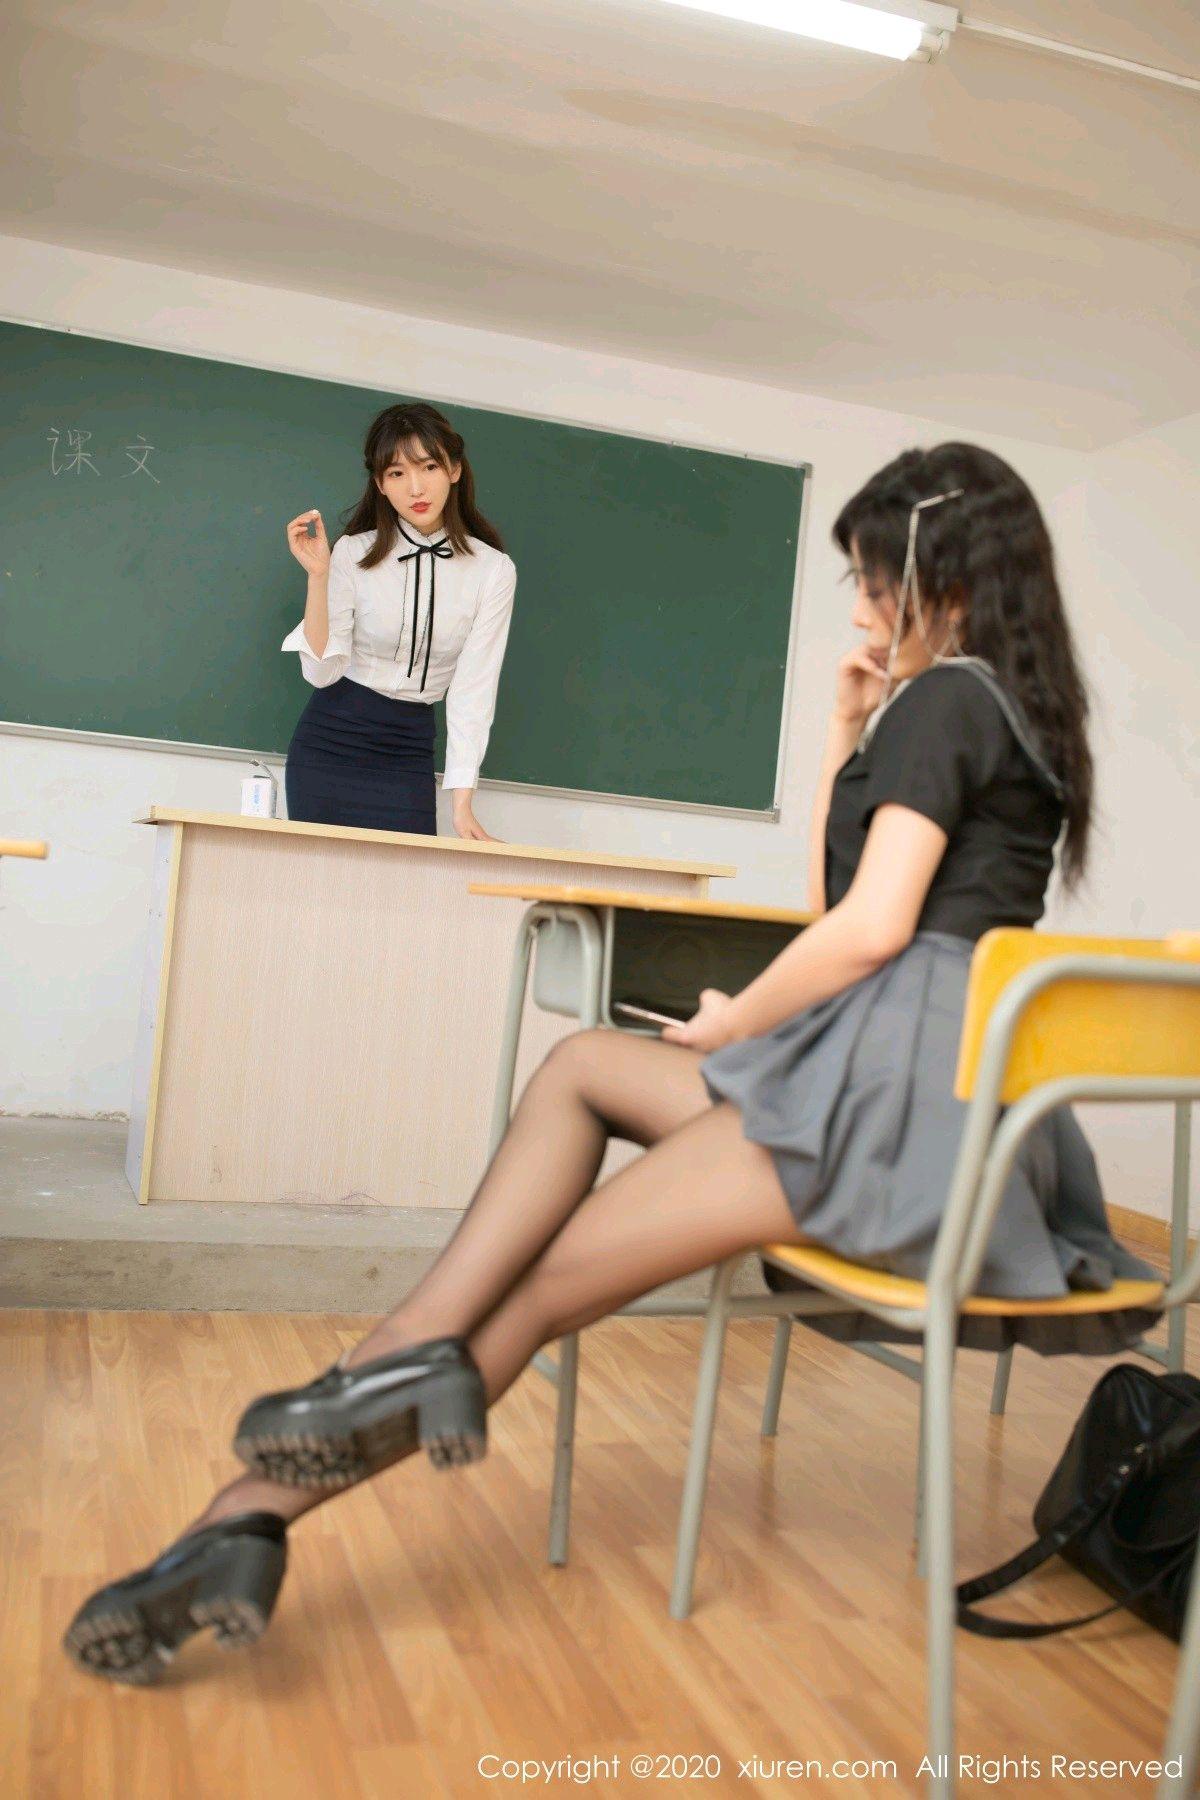 [XiuRen] Vol.2420 Chen Xiao Miao and Lu Xuan Xuan 6P, Chen Xiao Miao, Lu Xuan Xuan, School Uniform, Sisters, Xiuren